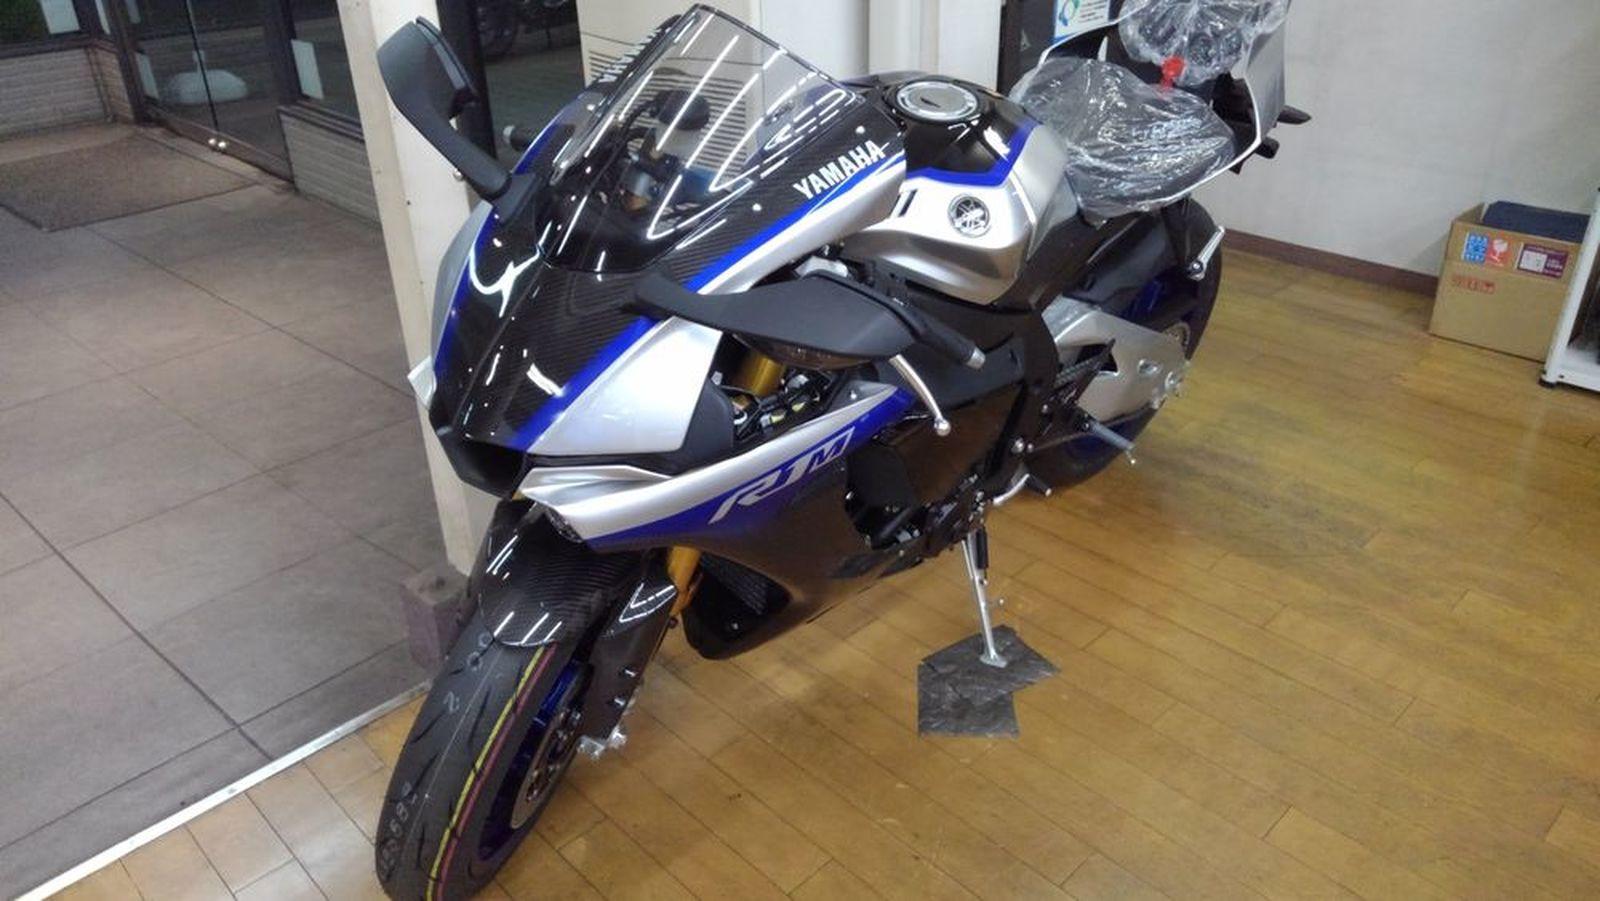 非公開ユーザーさんの愛車yamaha Yzf R1m 2019年式 Myバイク ウェビック